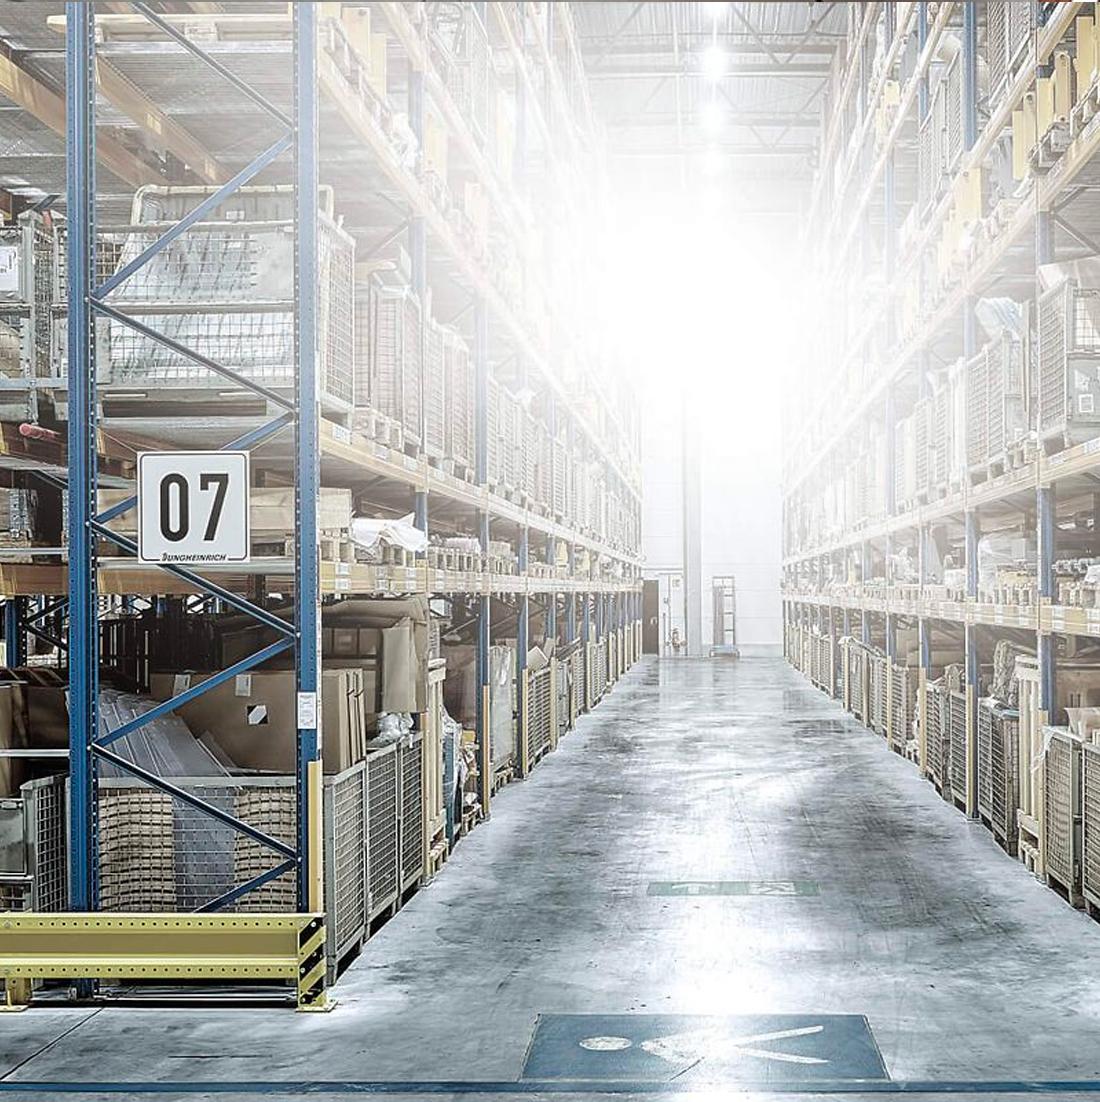 Sistemas logísticos y almacén ROHEN Maquinaria Tenerife y Gran Canaria, Canarias estanterías para almacén, estanterías para comercios y tiendas, estanterías profesionales, estanterías metálicas para industria